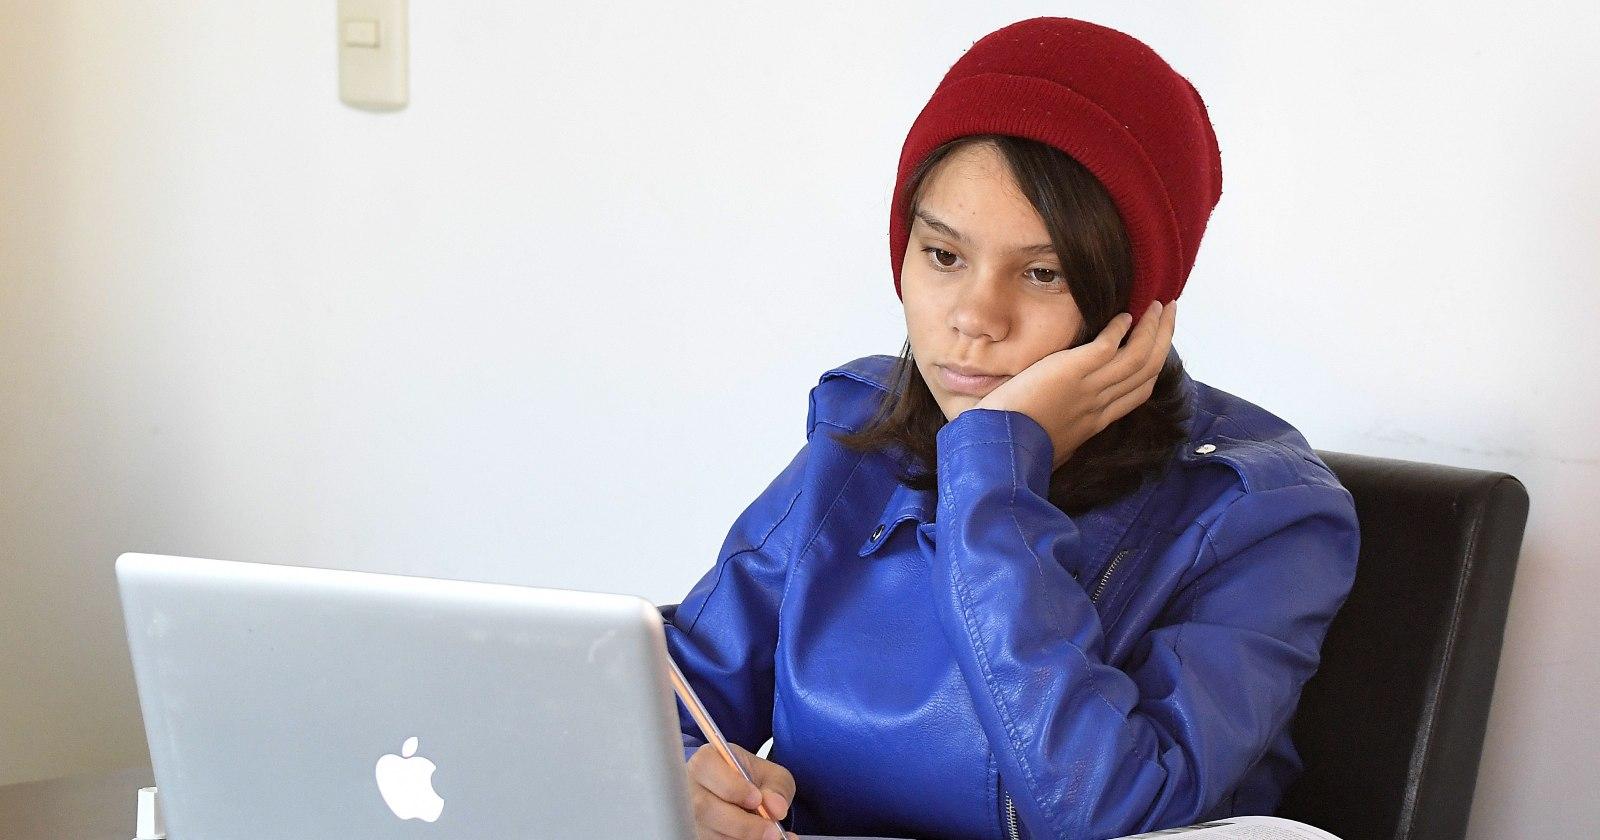 """""""Educación online: profesores valoran acompañamiento emocional de estudiantes por sobre enseñanza de contenidos"""""""